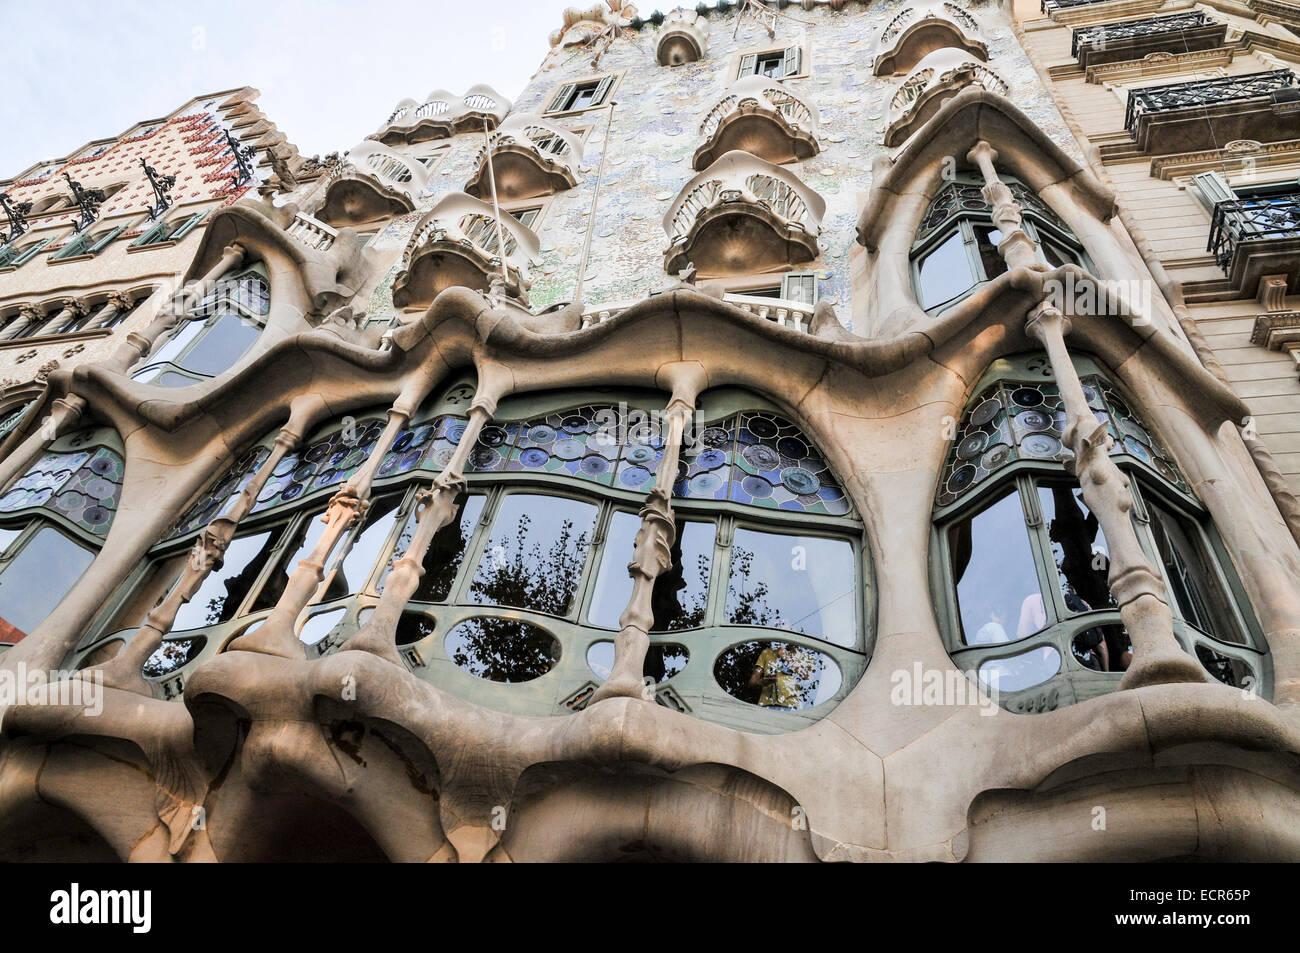 España, Barcelona, la Casa Milà (La Pedrera), por el arquitecto Antoni Gaudí Imagen De Stock